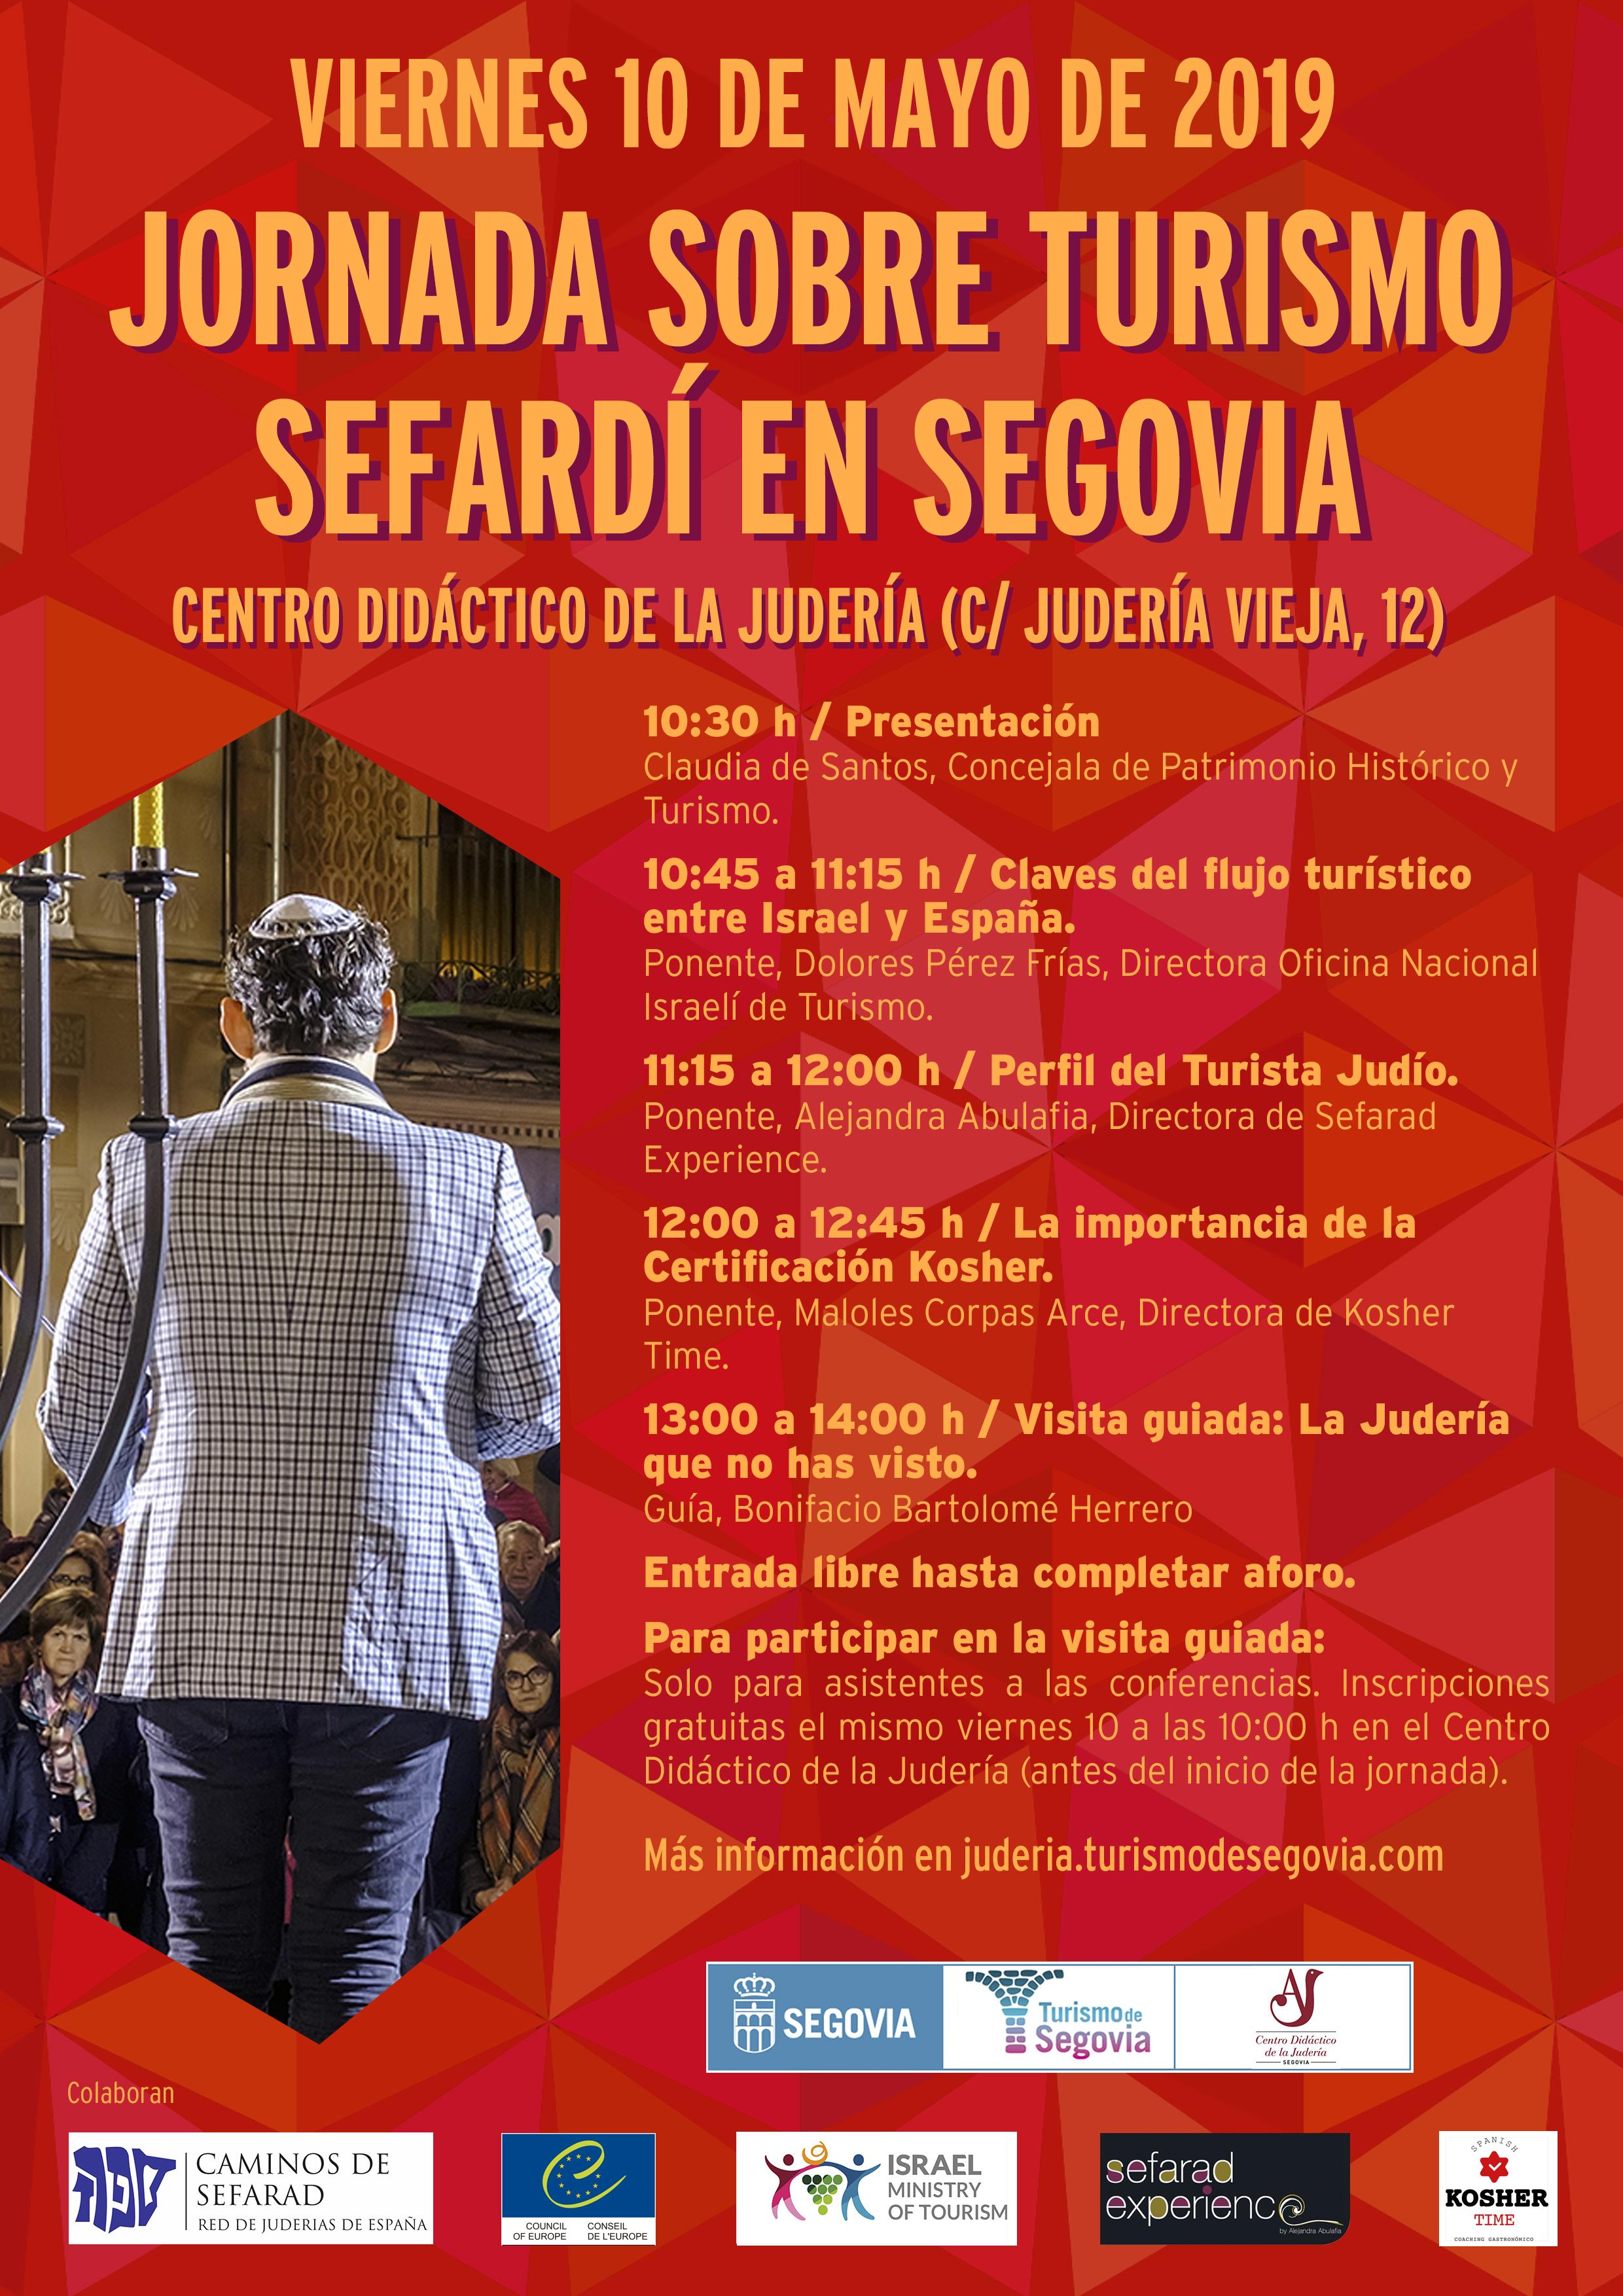 Segovia organiza la primera jornada sobre turismo sefardí